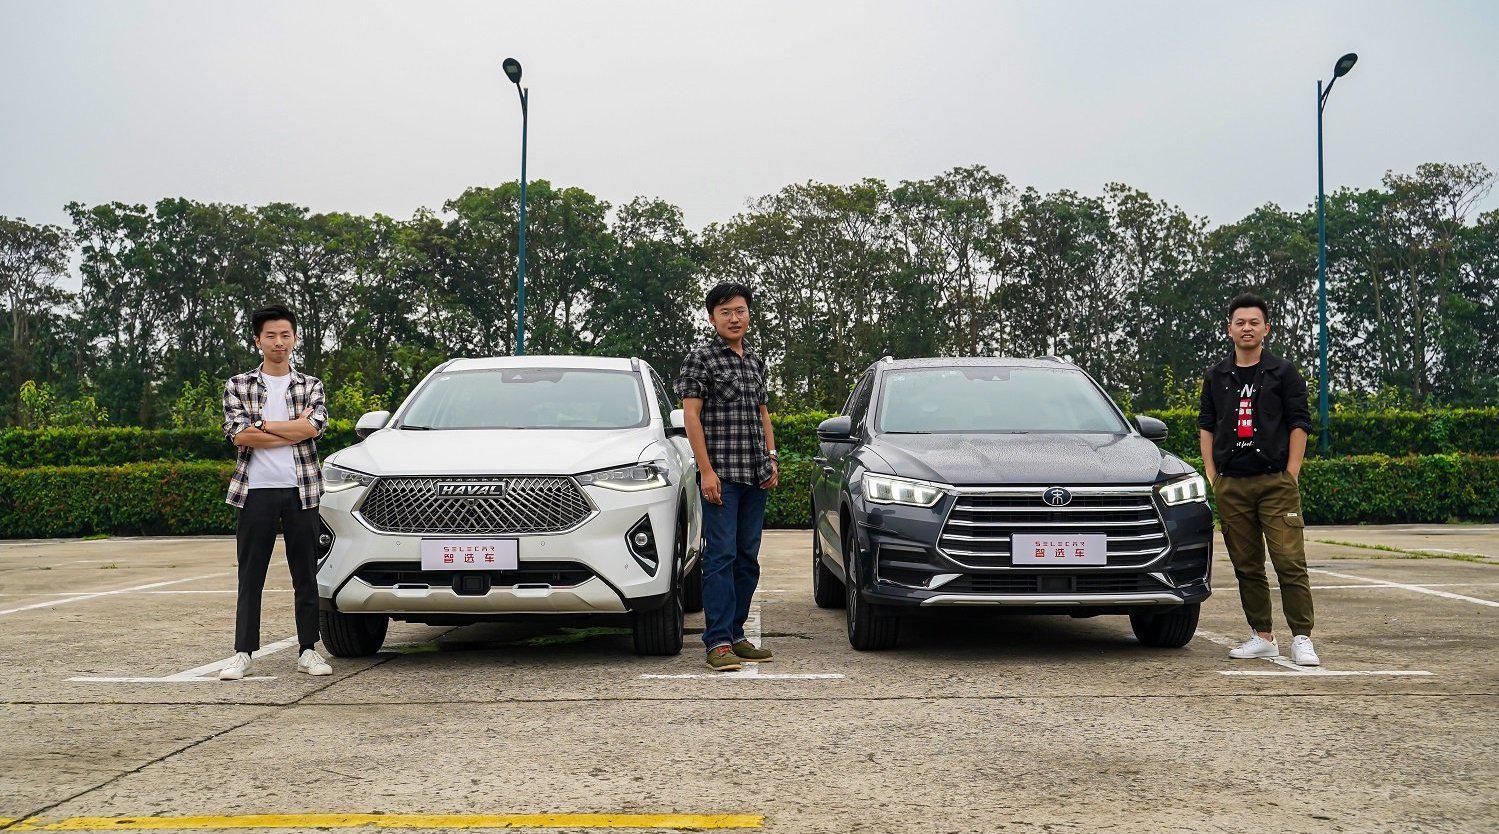 谁才是高颜值智能SUV?2021款哈弗F7对比宋Pro